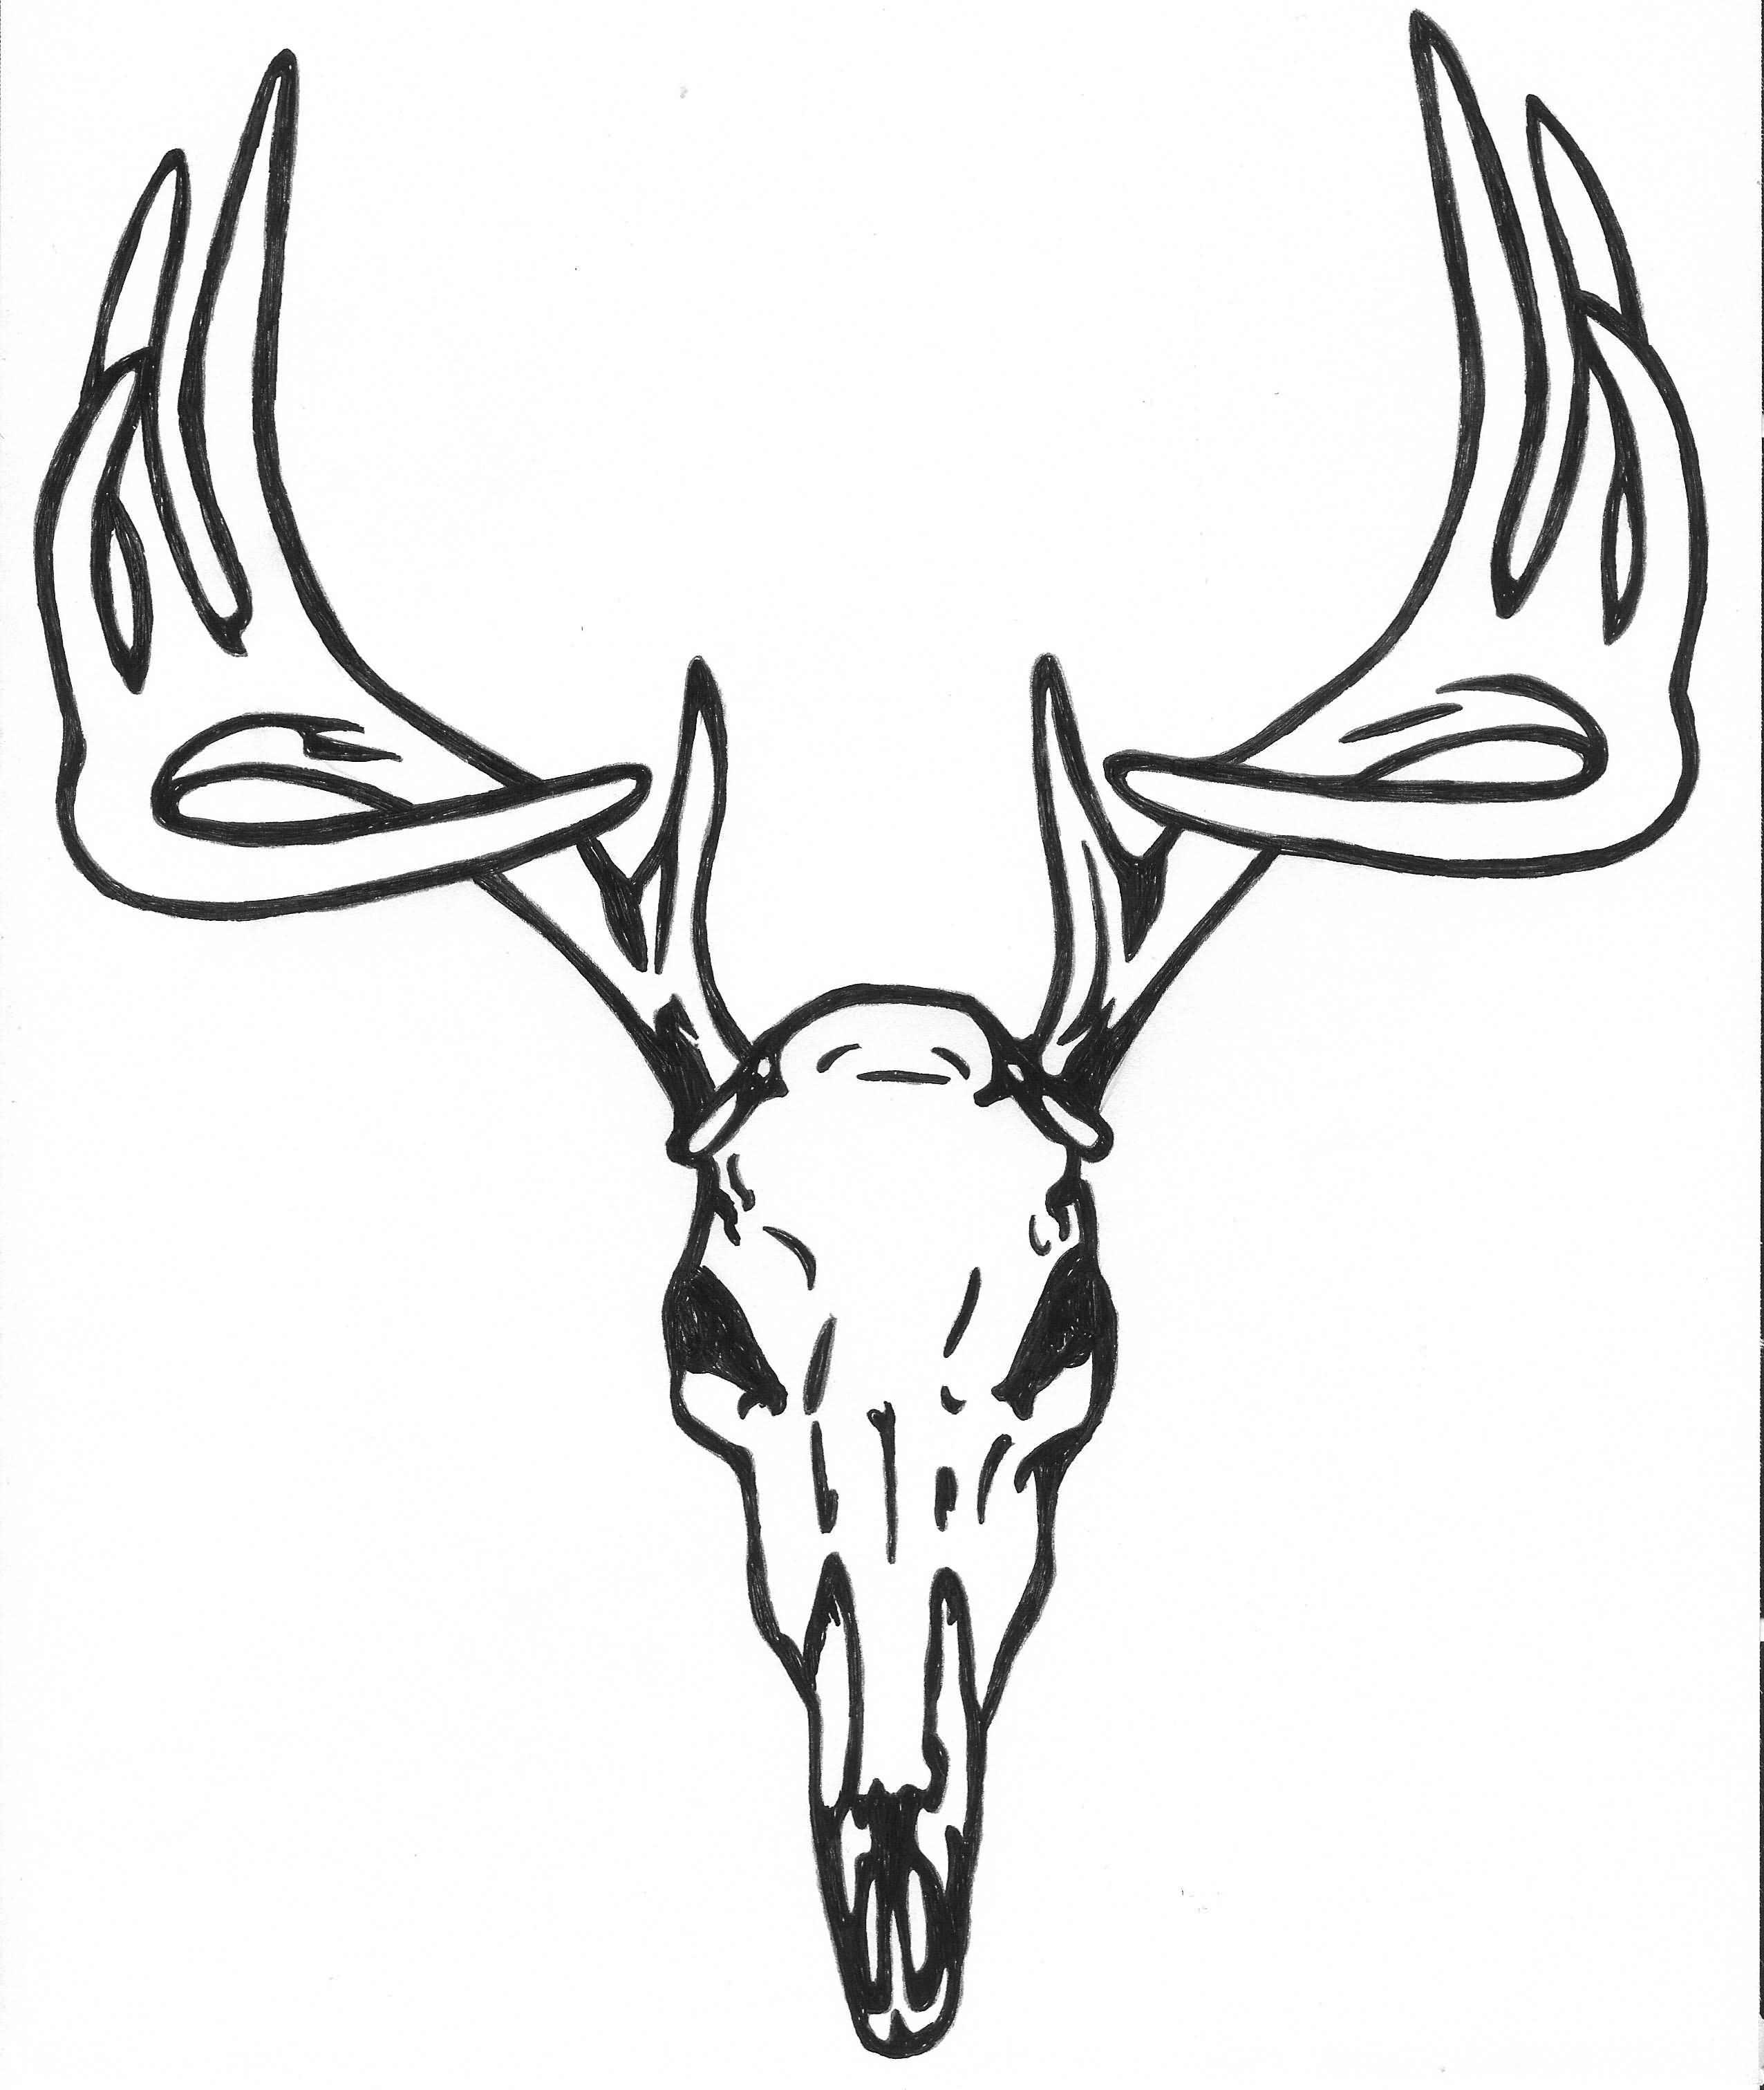 Deer Outline Drawing At Getdrawings